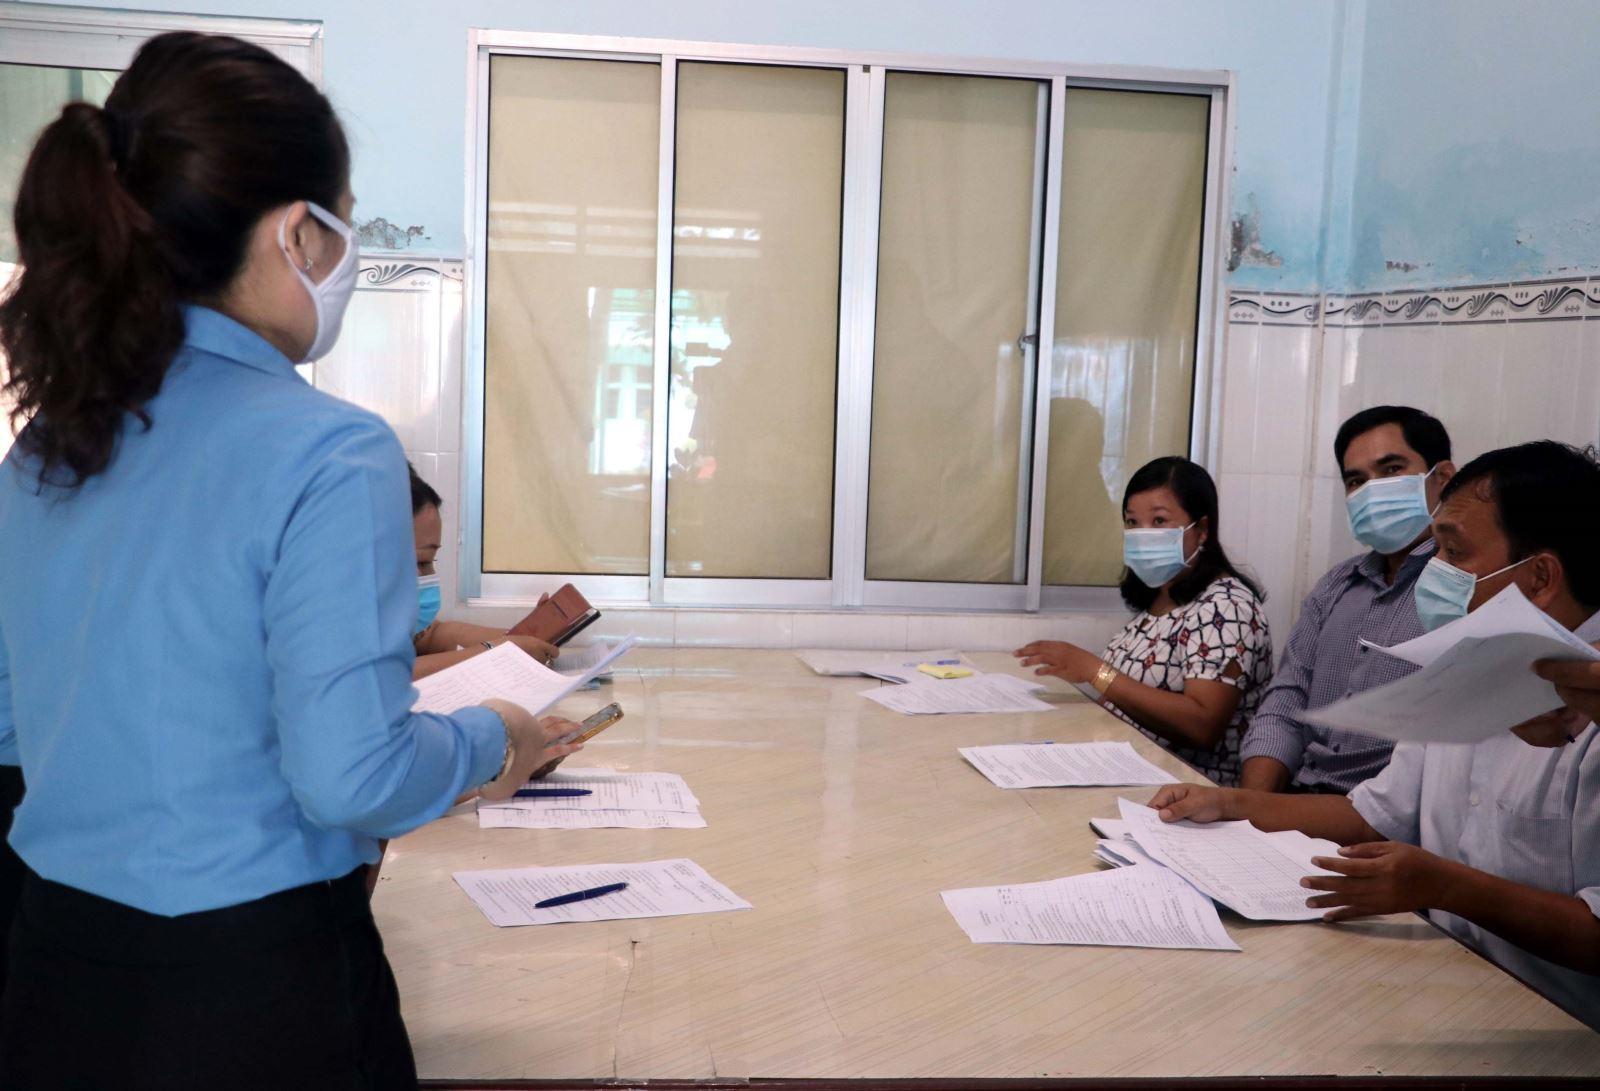 Cán bộ Bảo hiểm xã hội tỉnh Sóc Trăng tuyên truyền và hướng dẫn cài đặt ứng dụng VssID cho các đơn vị, cá nhân trên địa bàn tỉnh. Ảnh: Trung Hiếu/TTXVN